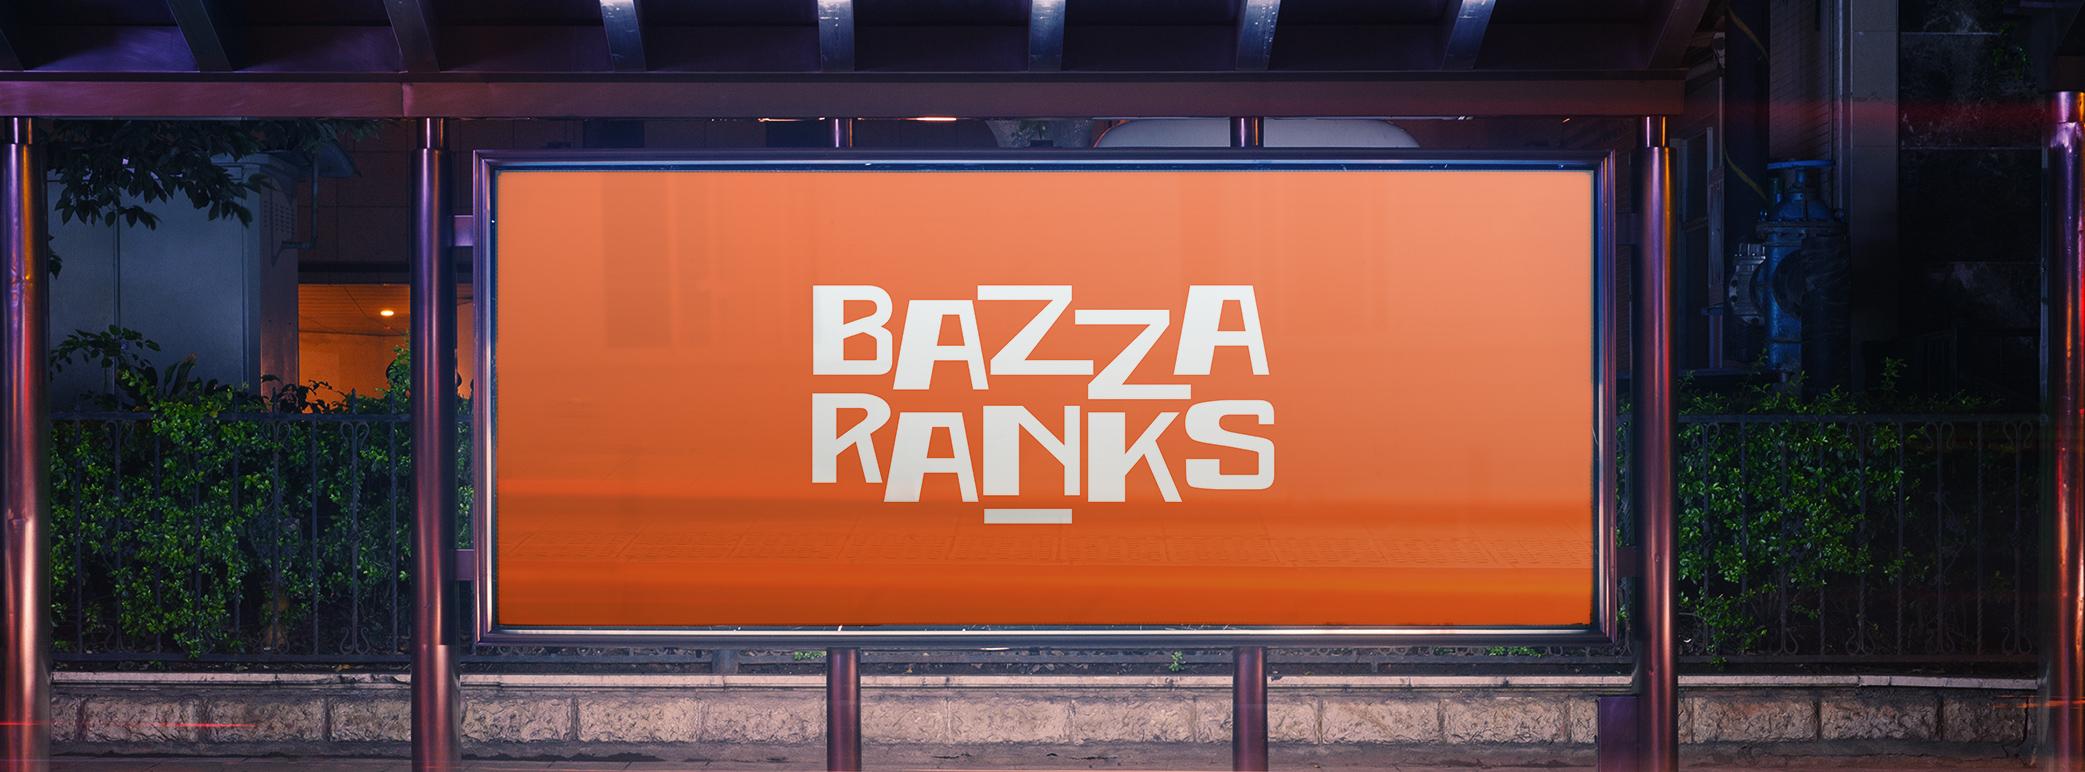 Bazza-Ranks-Billboard-Logo-Mock-hq-01-fb.jpg